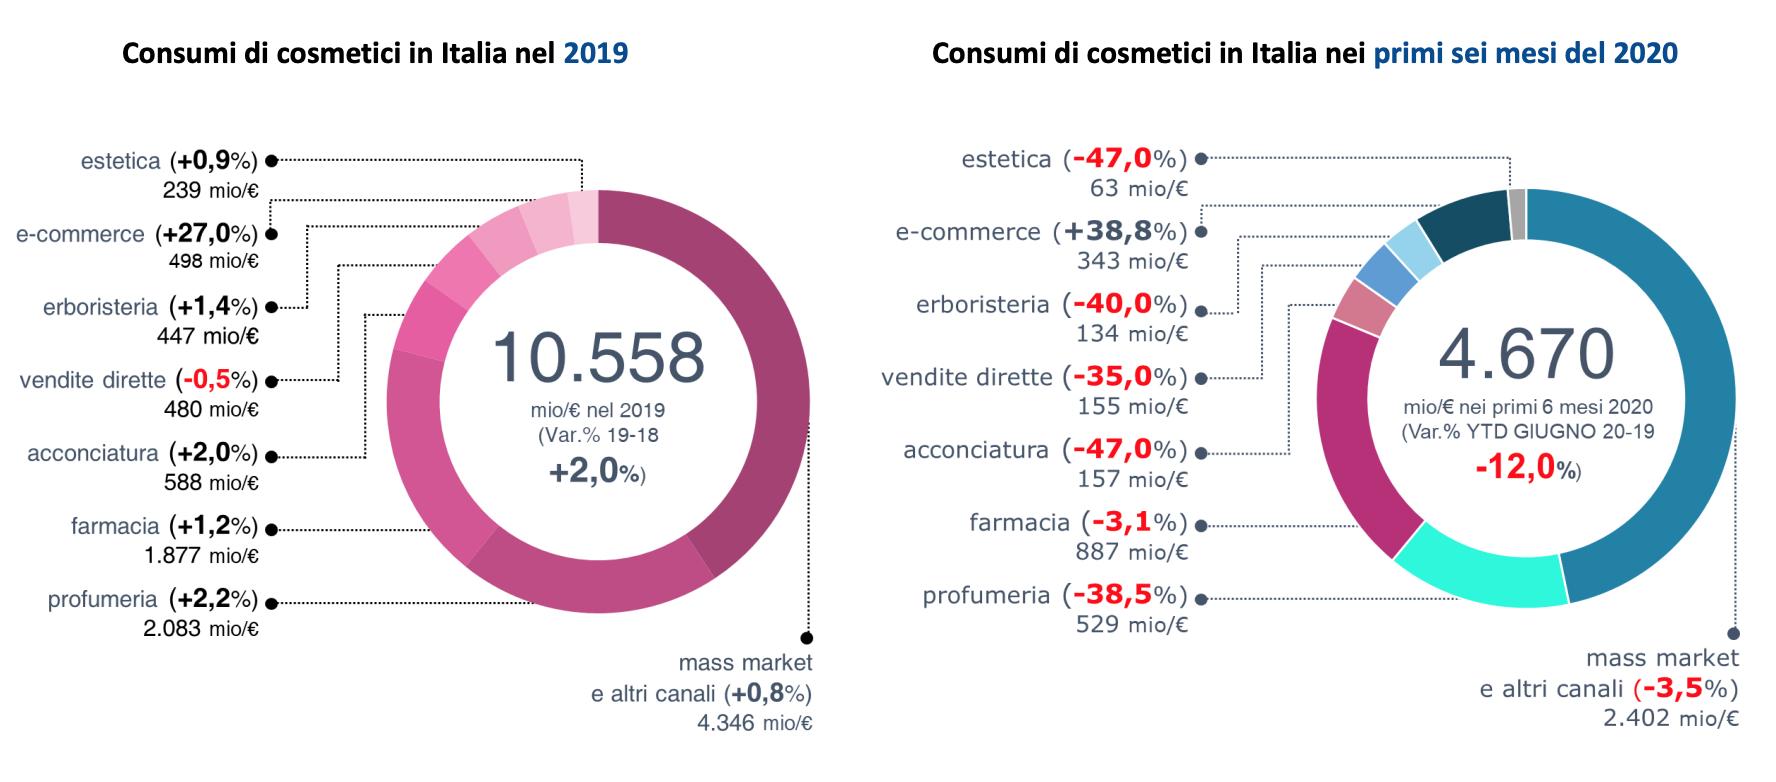 Consumi di cosmetici in Italia nel 2019/2020